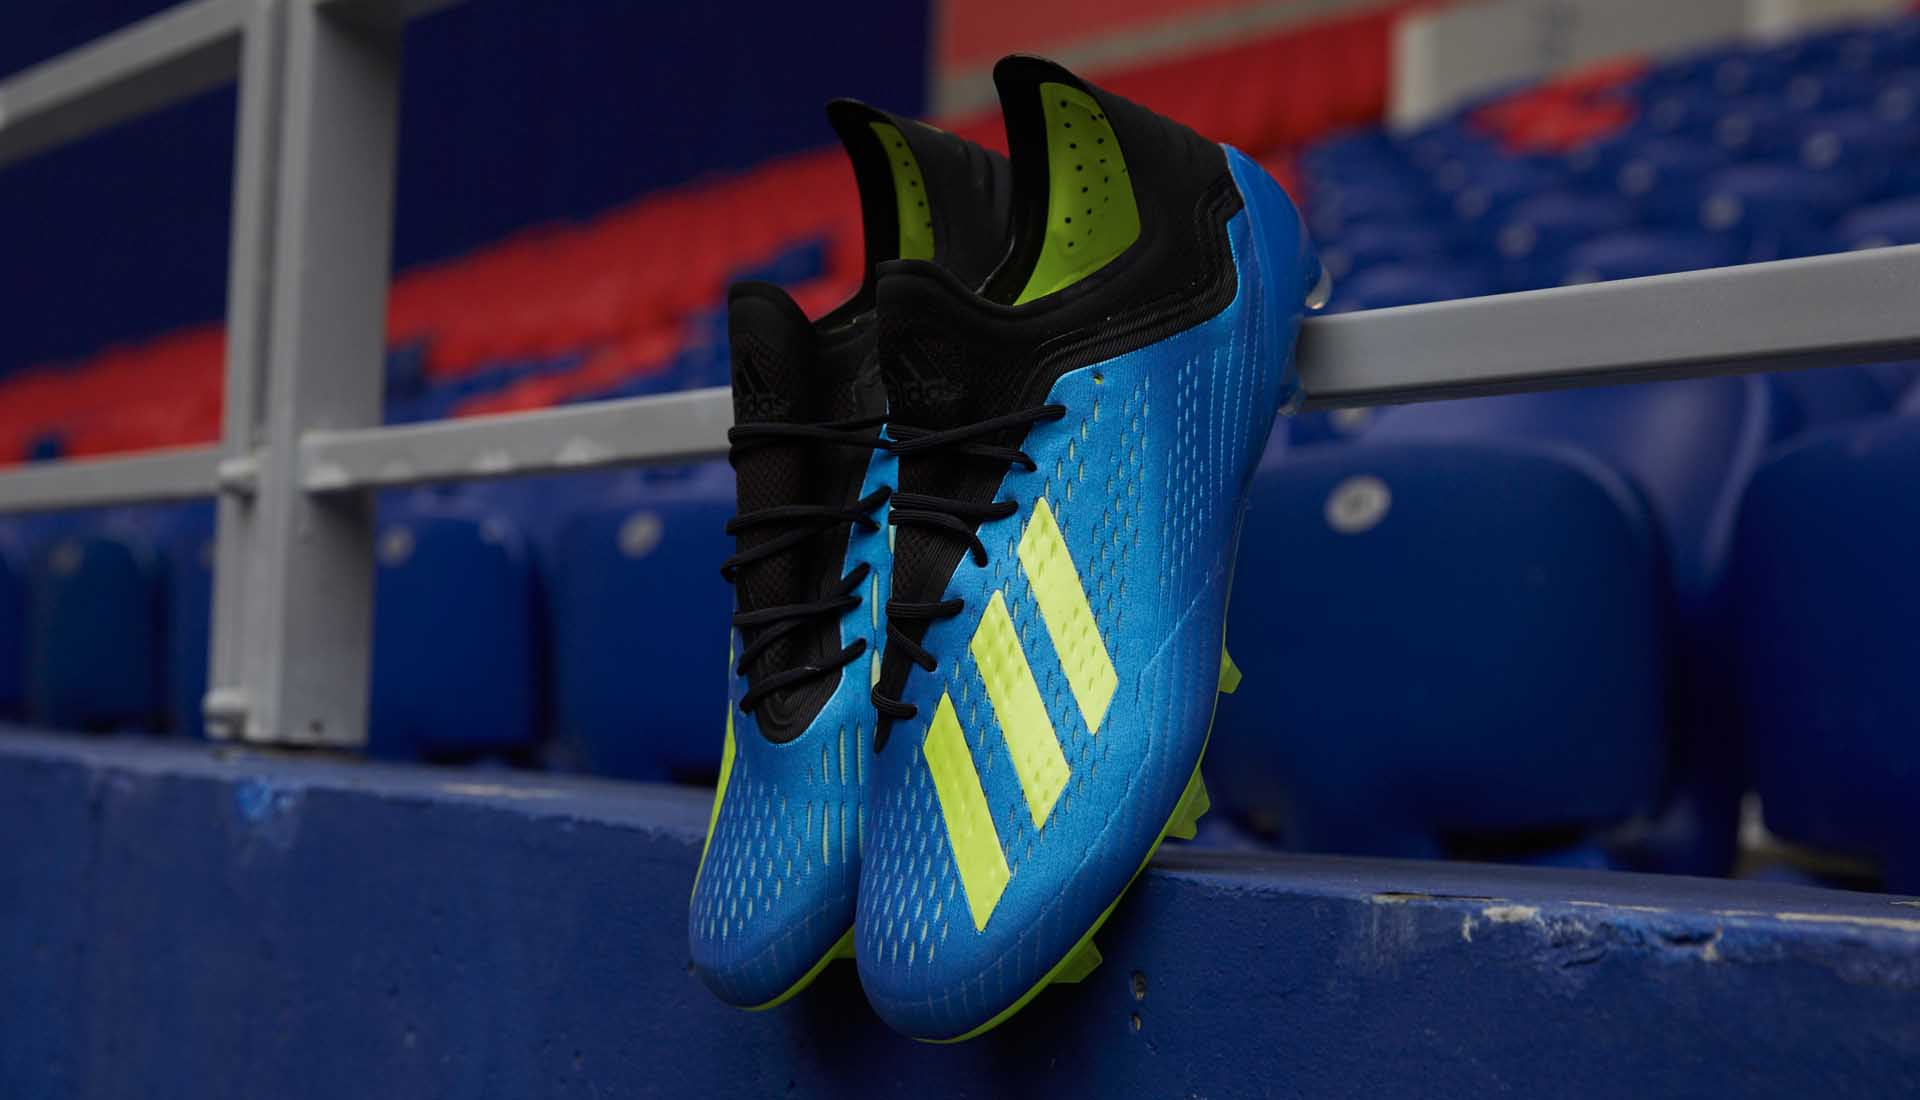 Giày đá bóng Adidas X18.1 FG được ra mắt lần đầu tại Worldcup 2018 với màu xanh dương